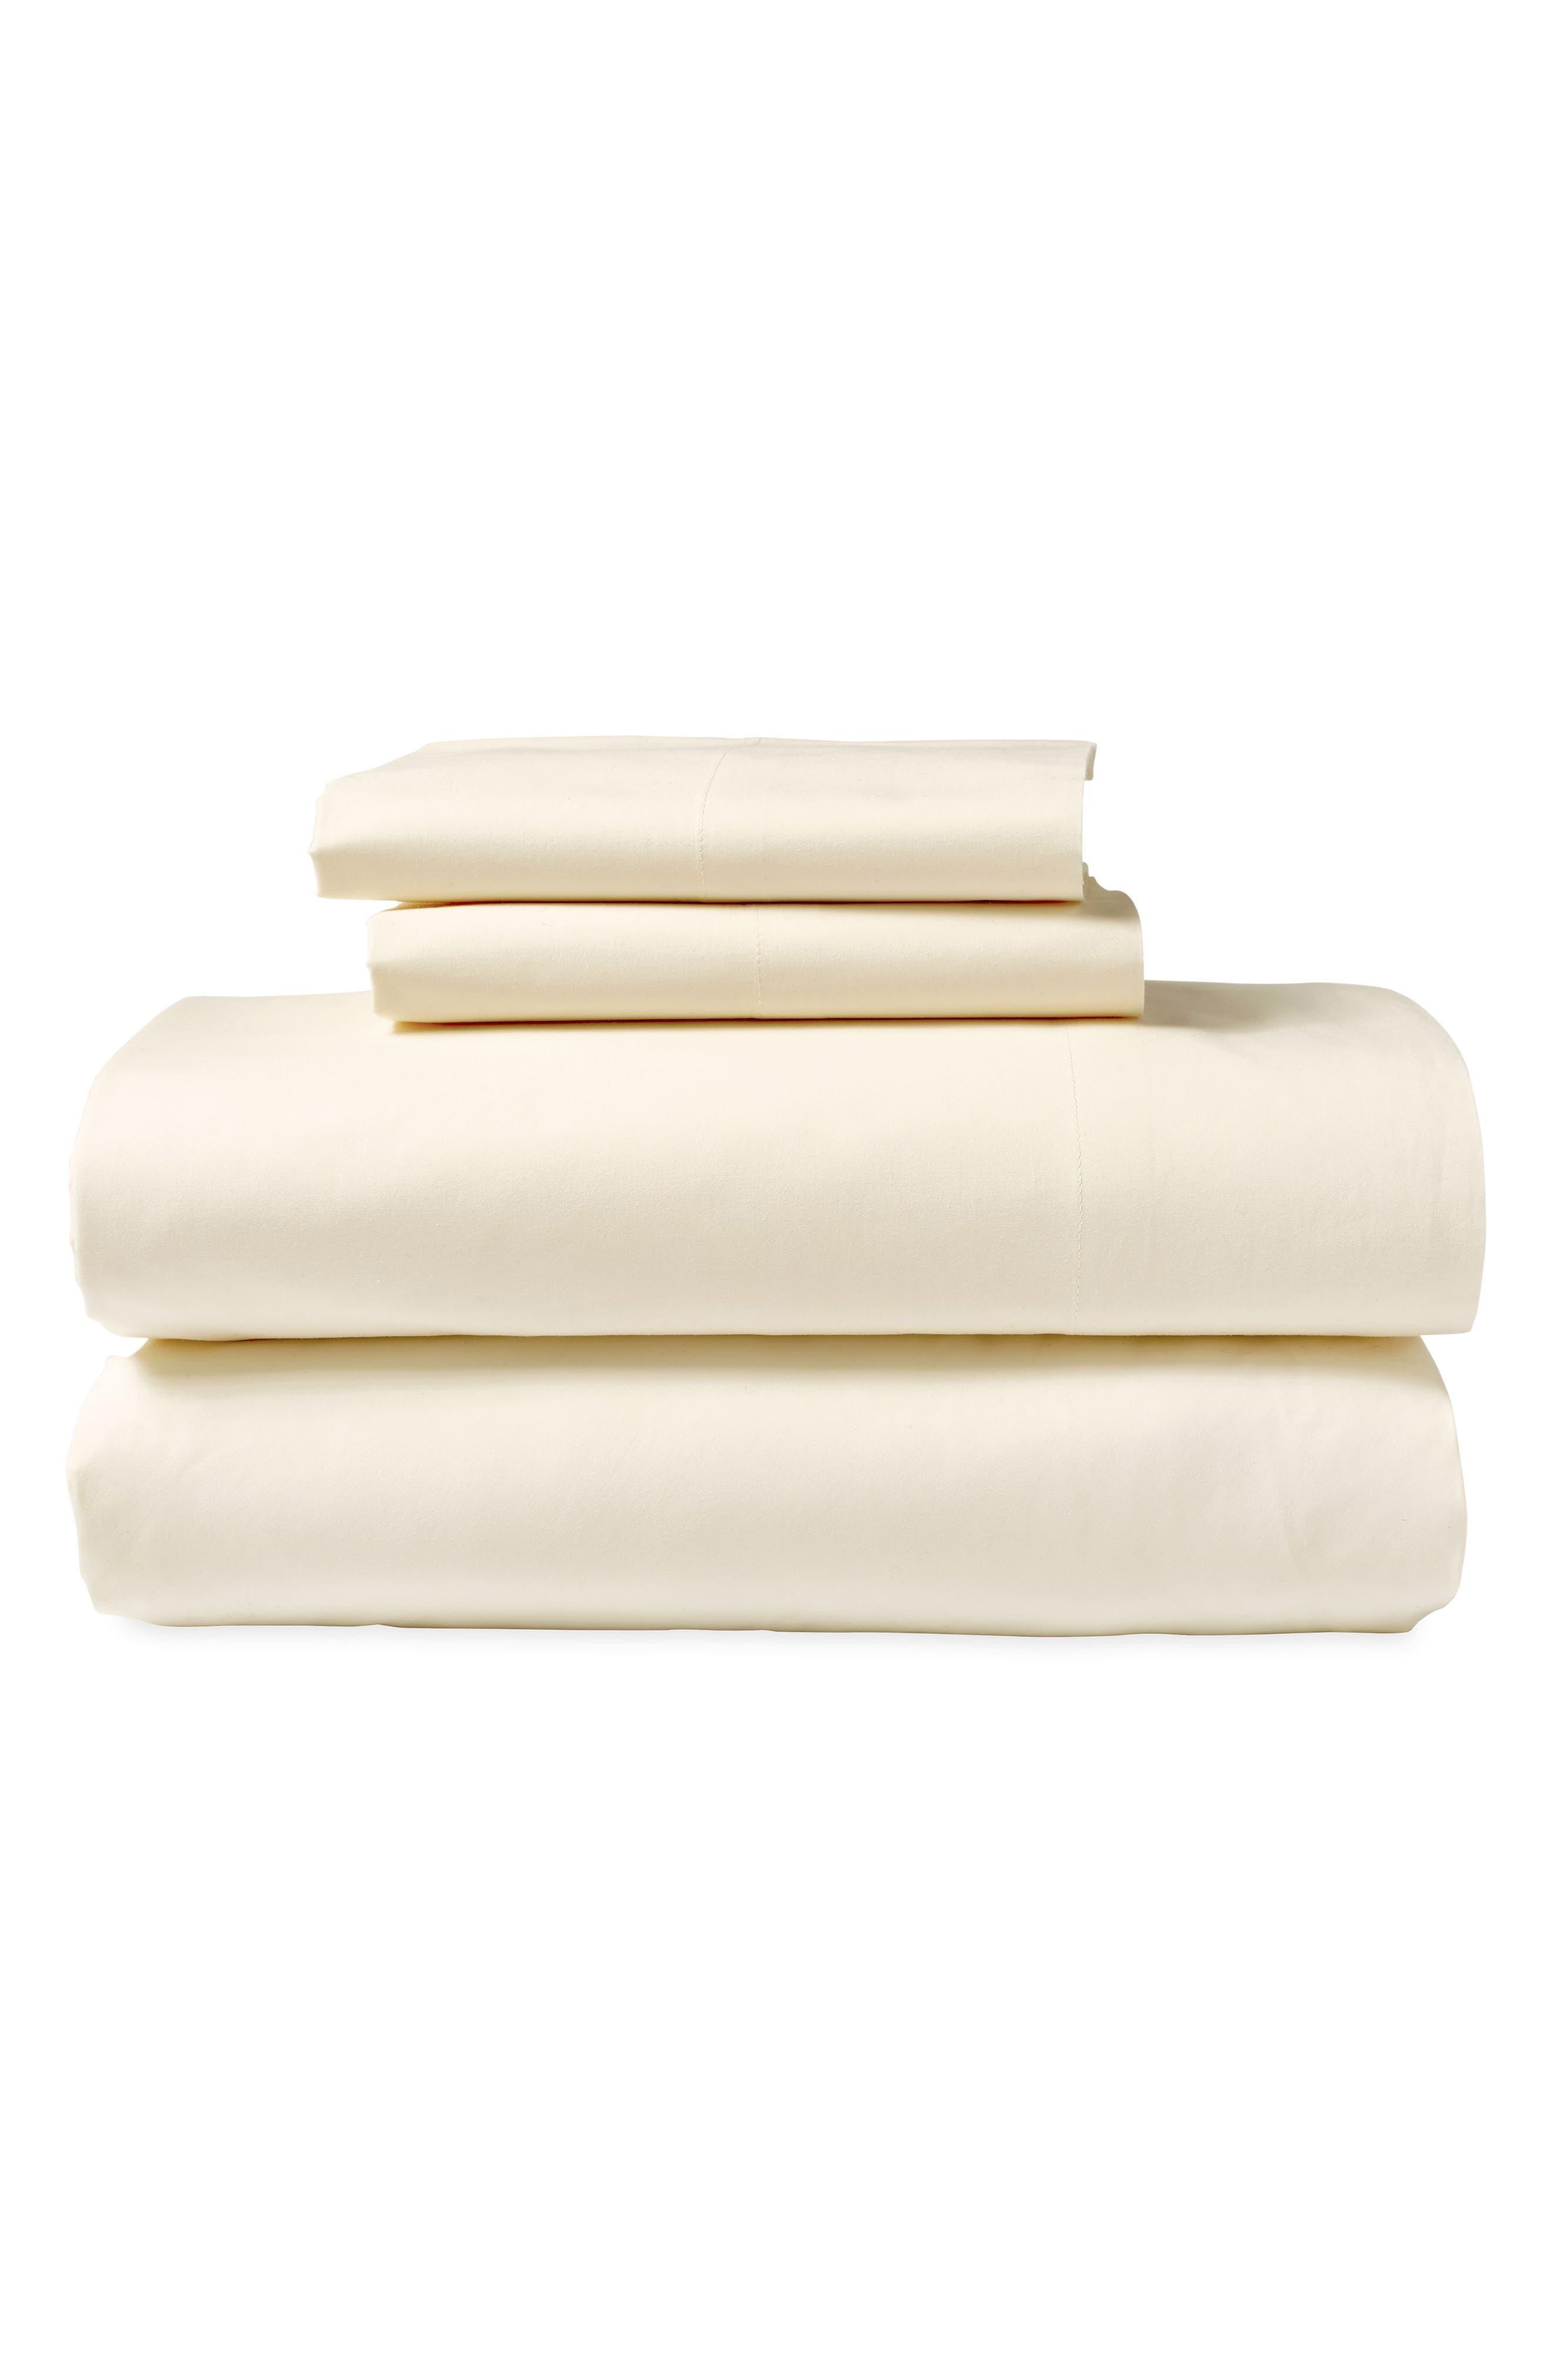 Donna Karan New York Ultrafine 600 Thread Count Flat Sheet